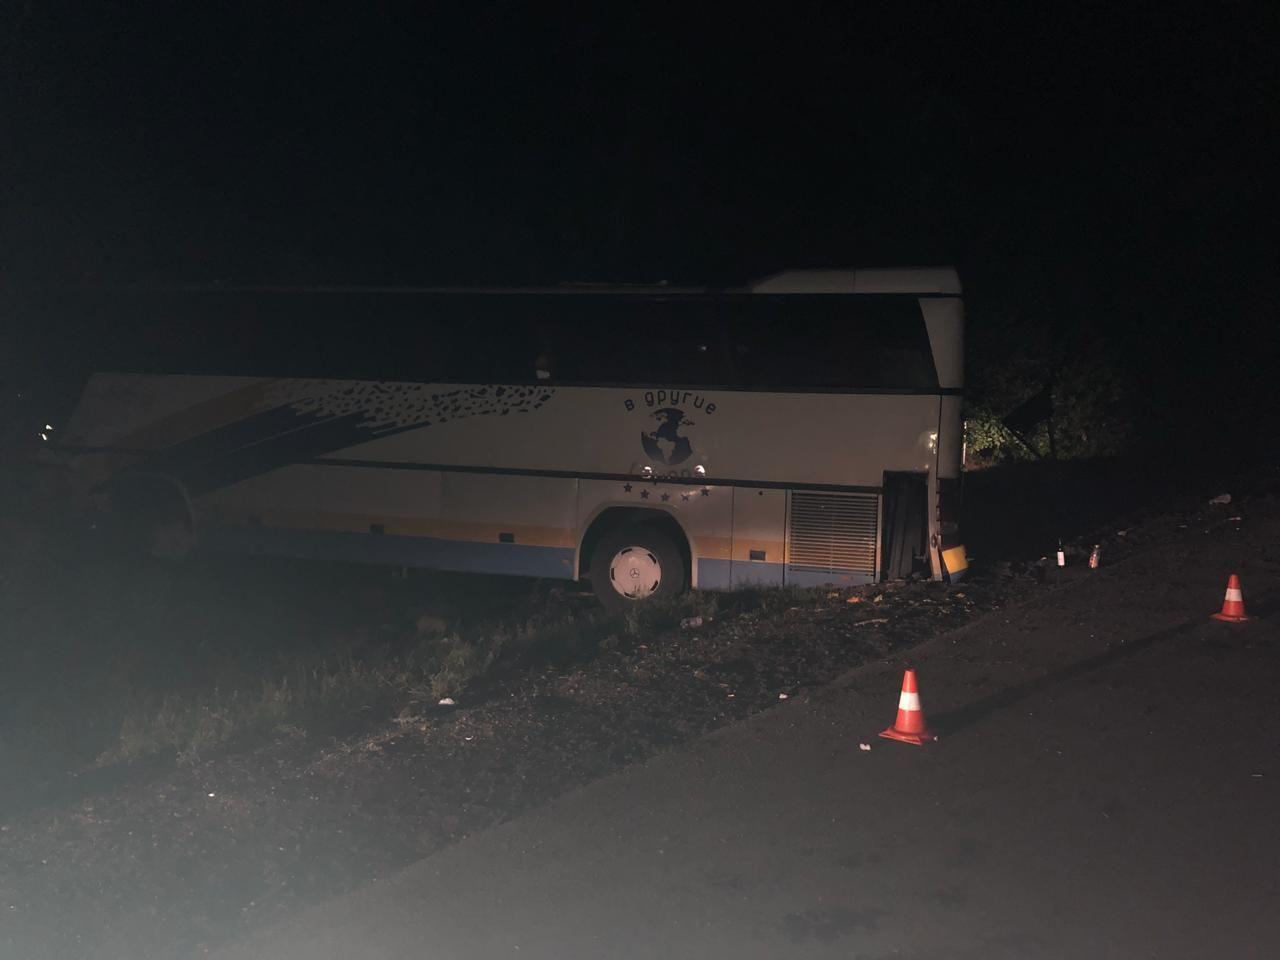 Под ярославлем попал в дтп автобус с 37 пассажирами